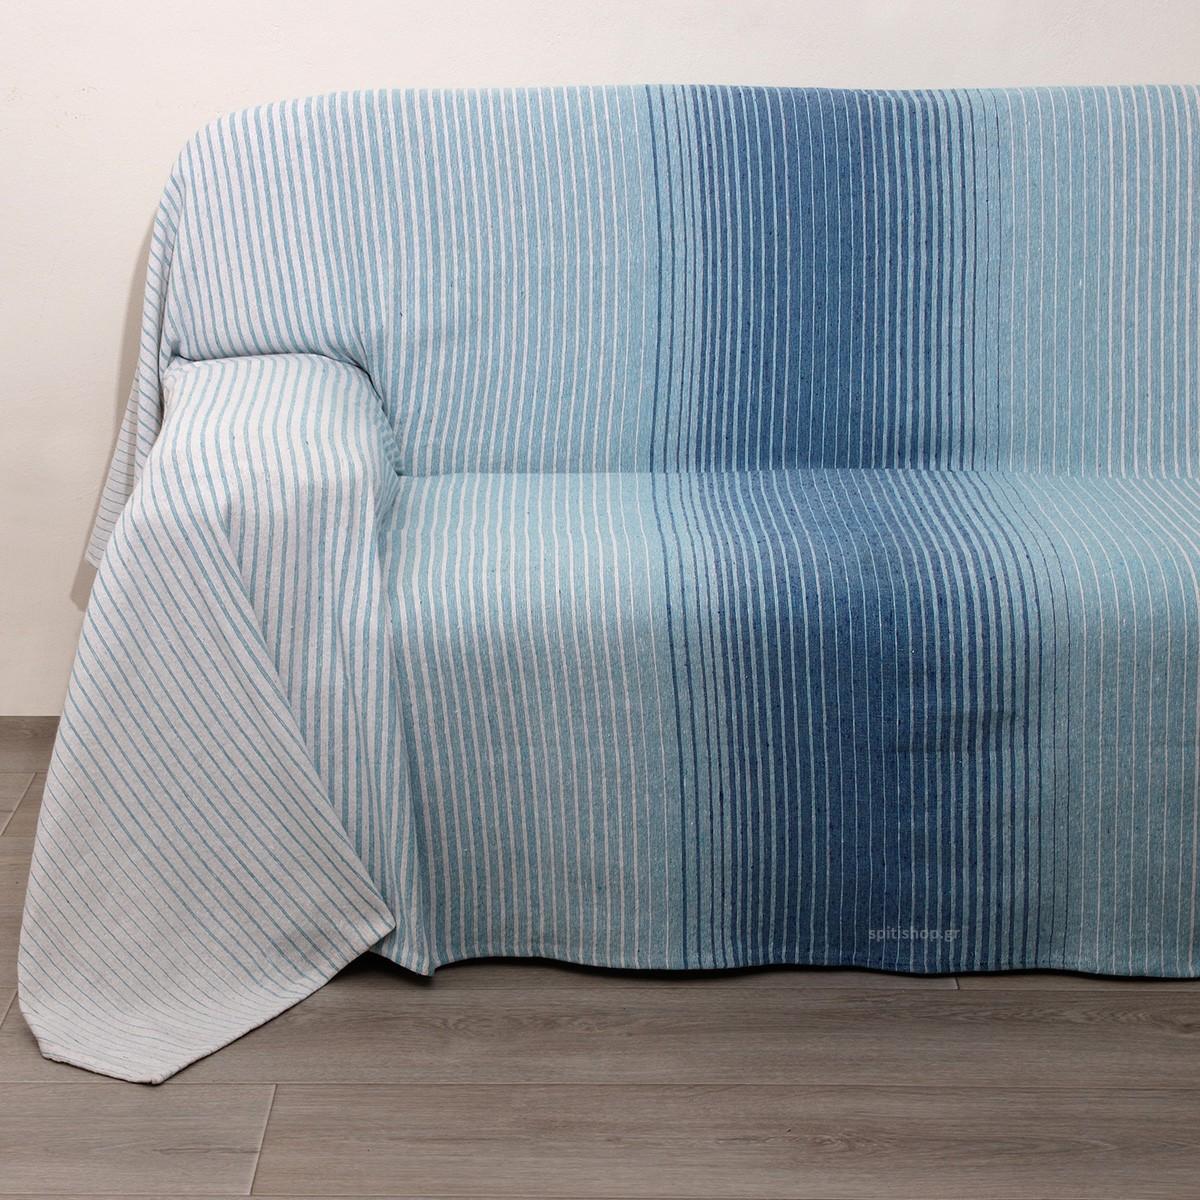 Ριχτάρι Πολυθρόνας (170×170) Viopros 1965 Μπλε